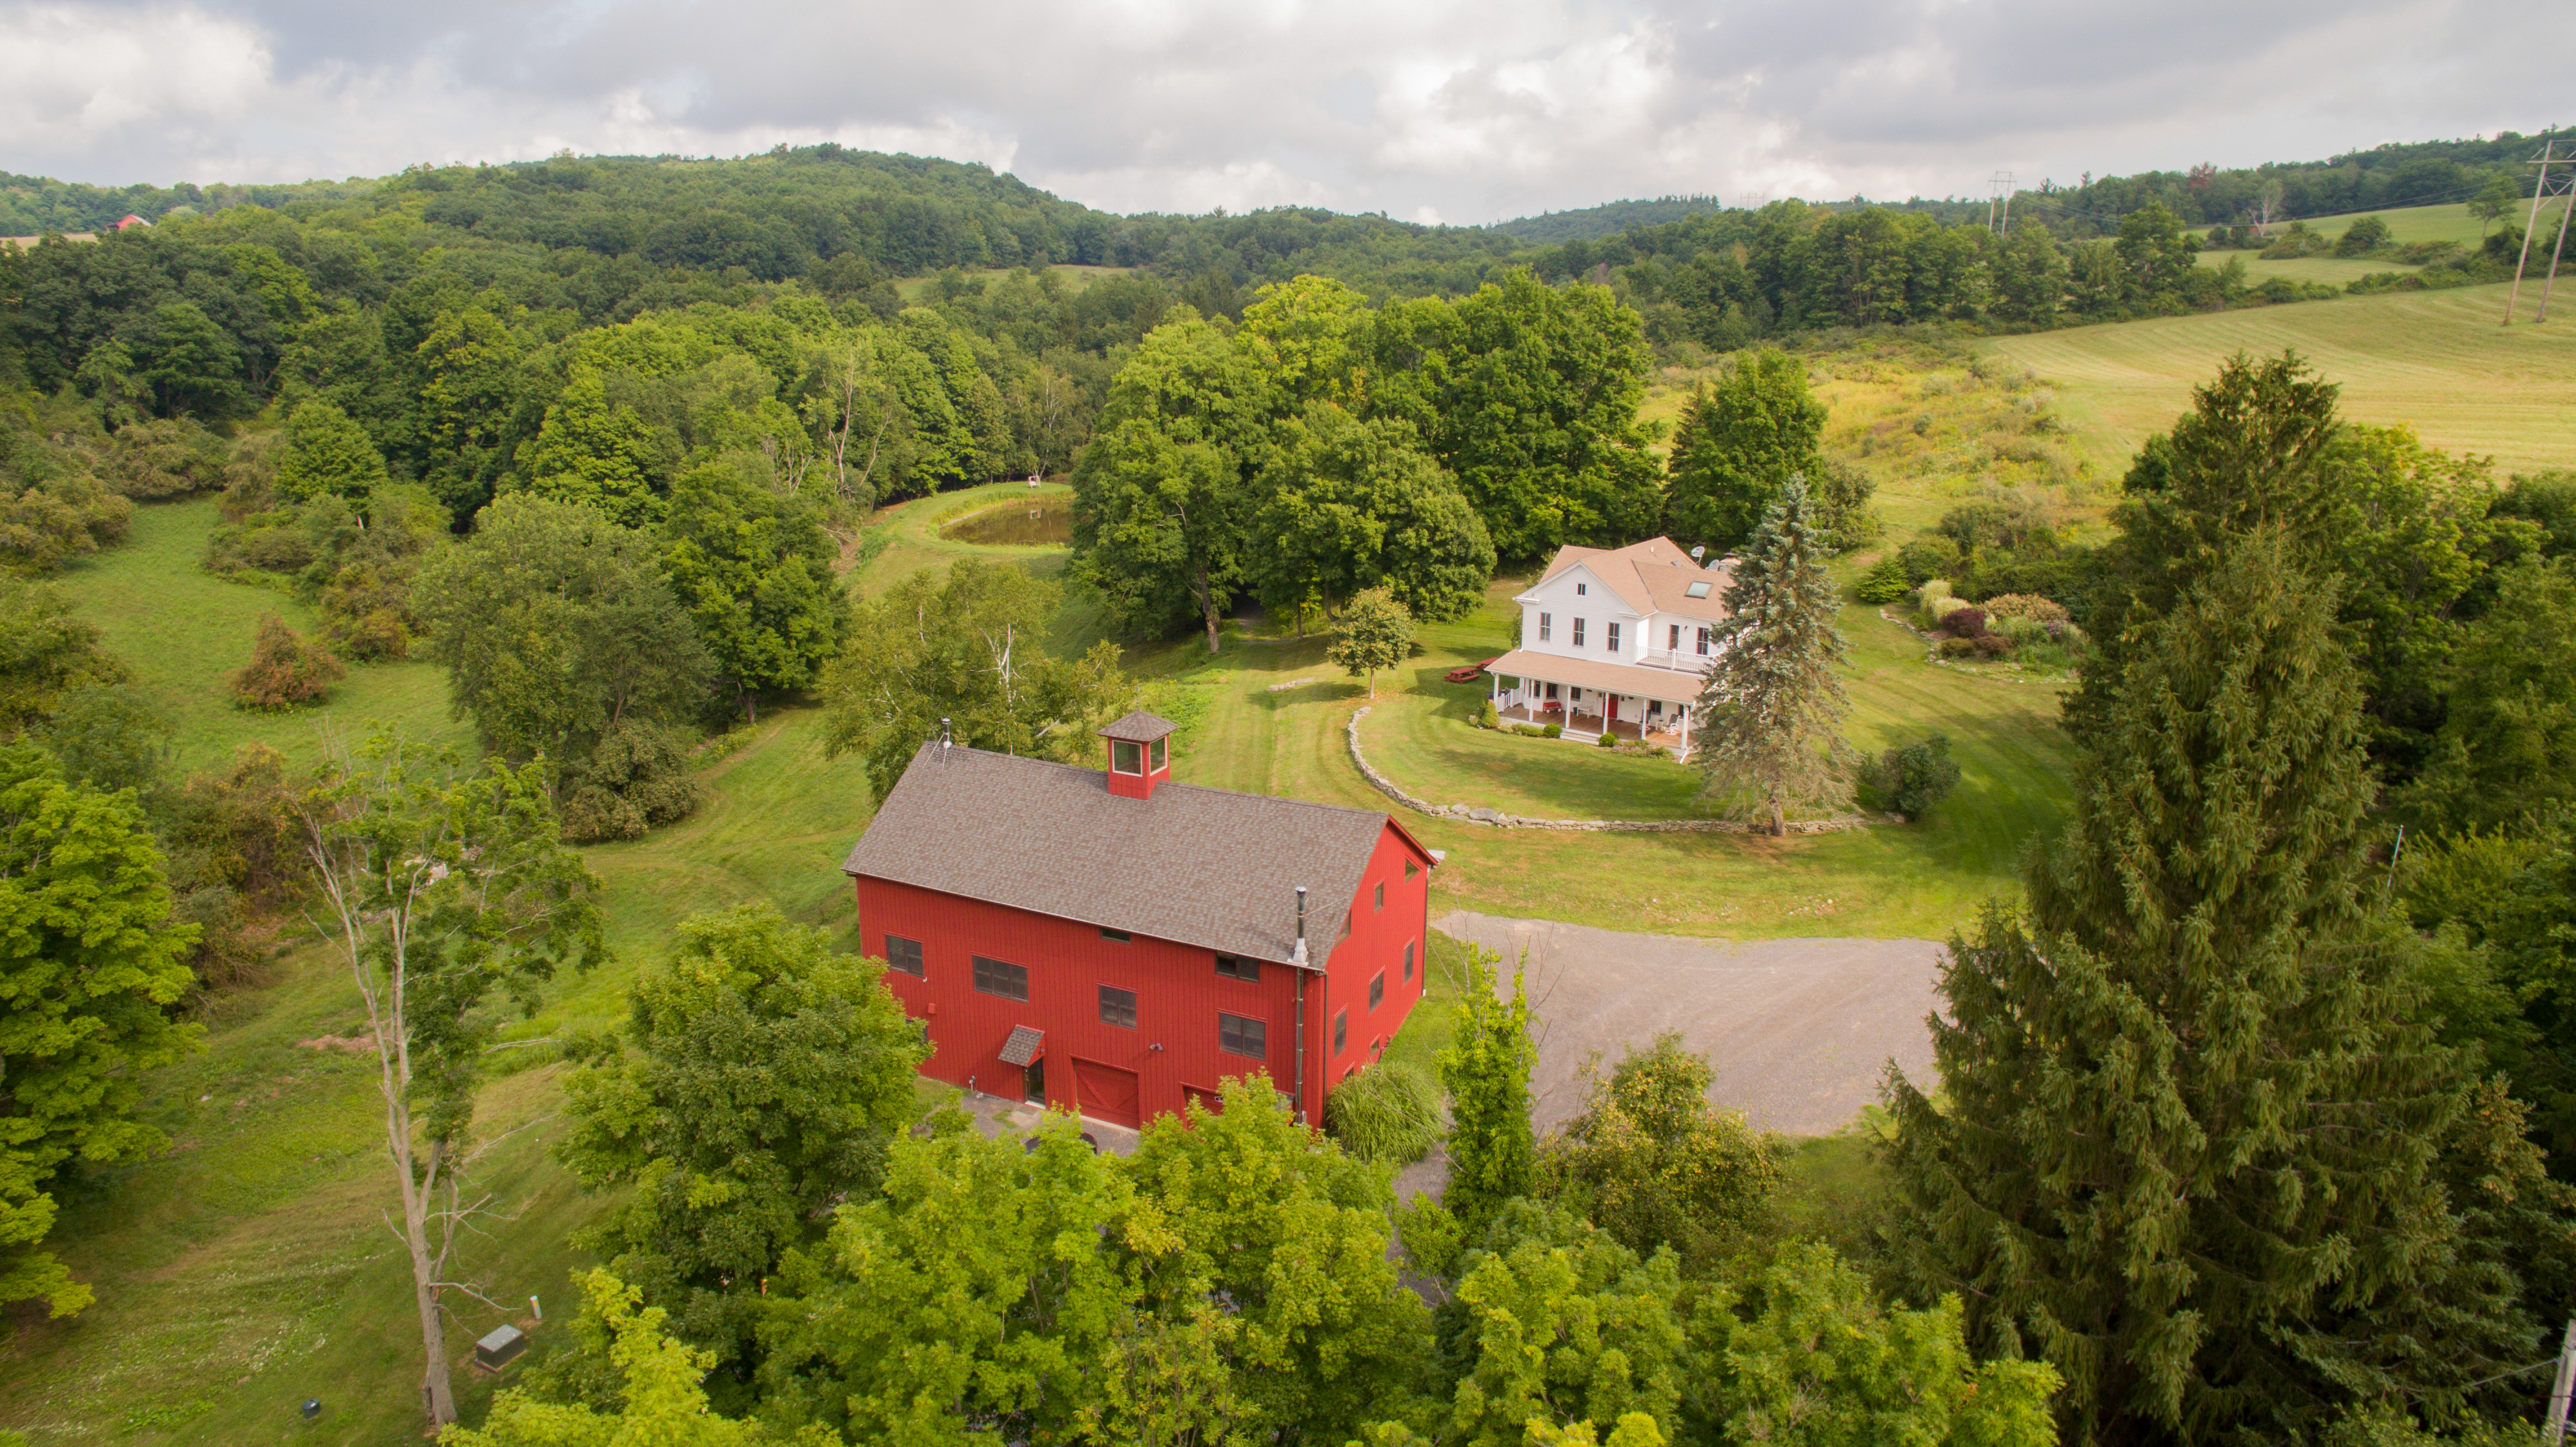 Casa Unifamiliar por un Venta en Farmhouse & Converted Barn on 50 Acres 153 Two Town Rd Hillsdale, Nueva York 12529 Estados Unidos